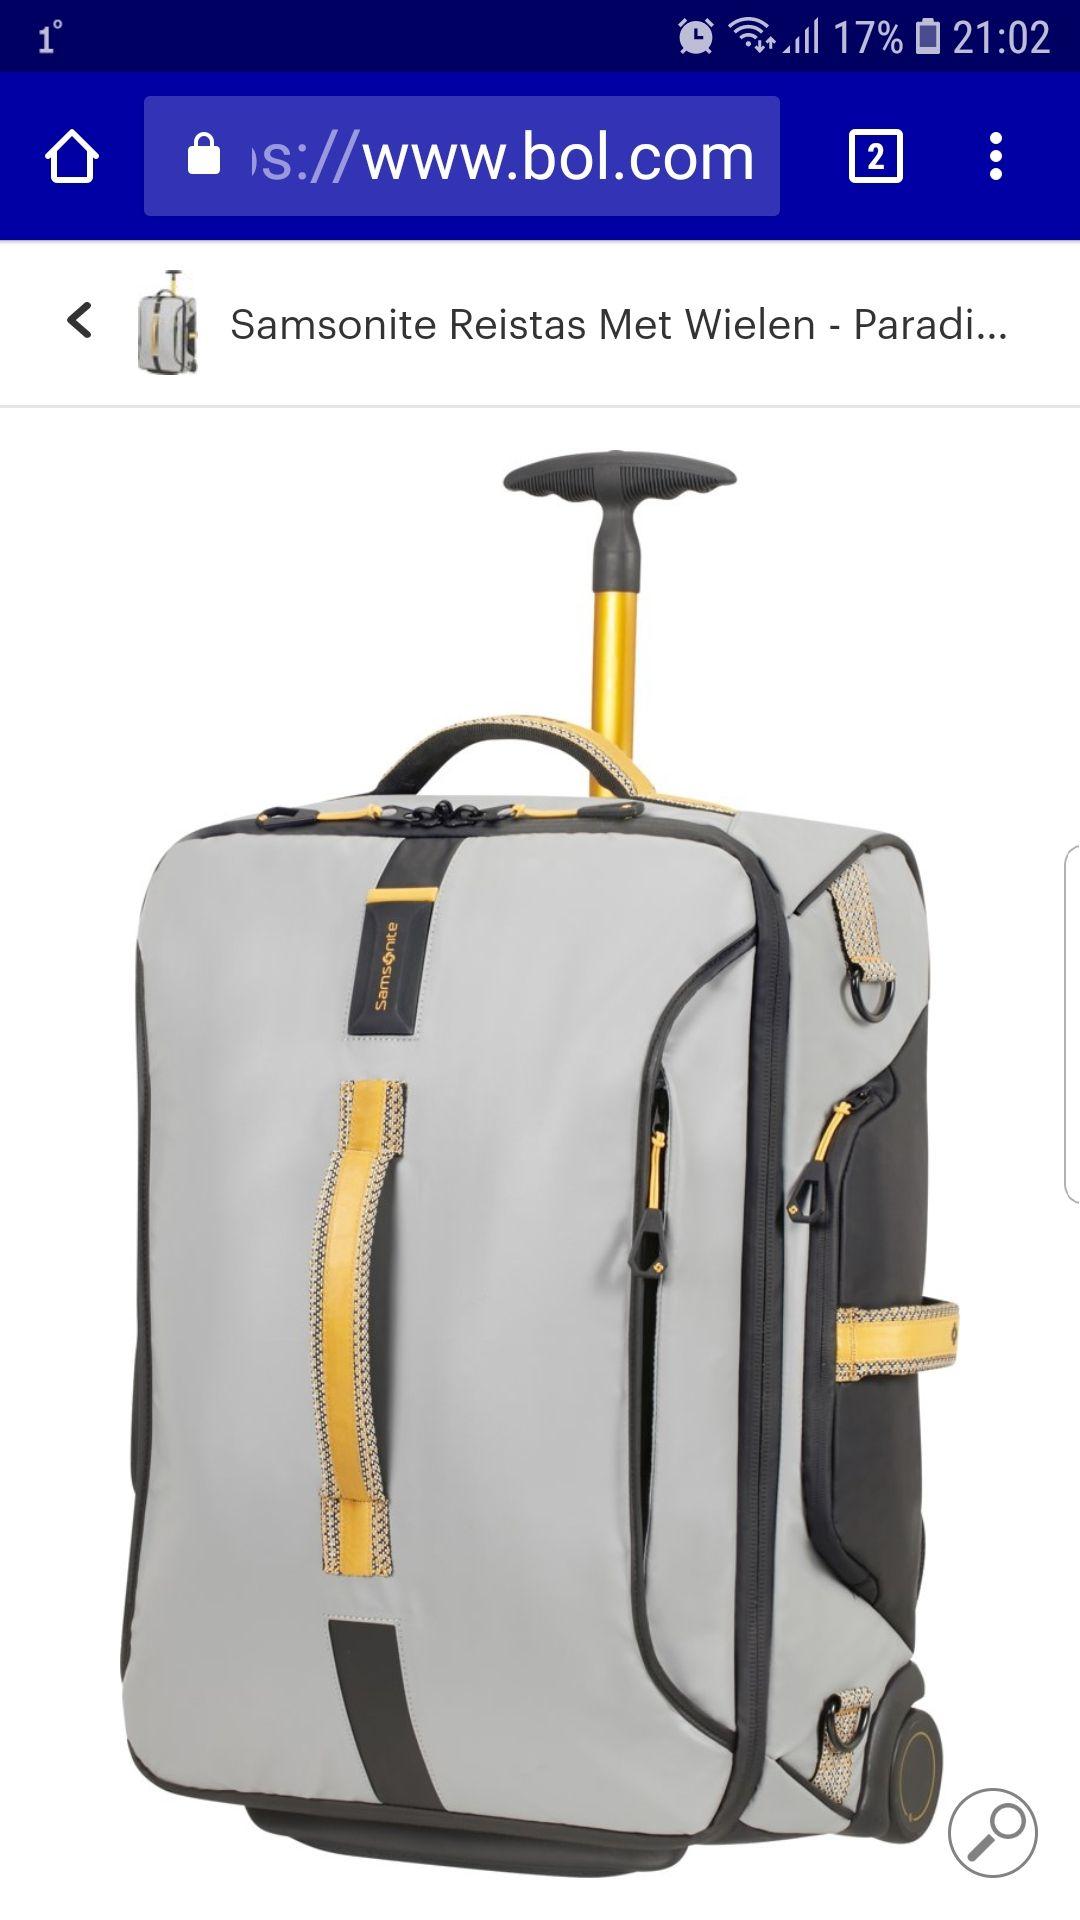 Handbagage 55x40x20 Samsonite Reistas Met Wielen - Paradiver Light